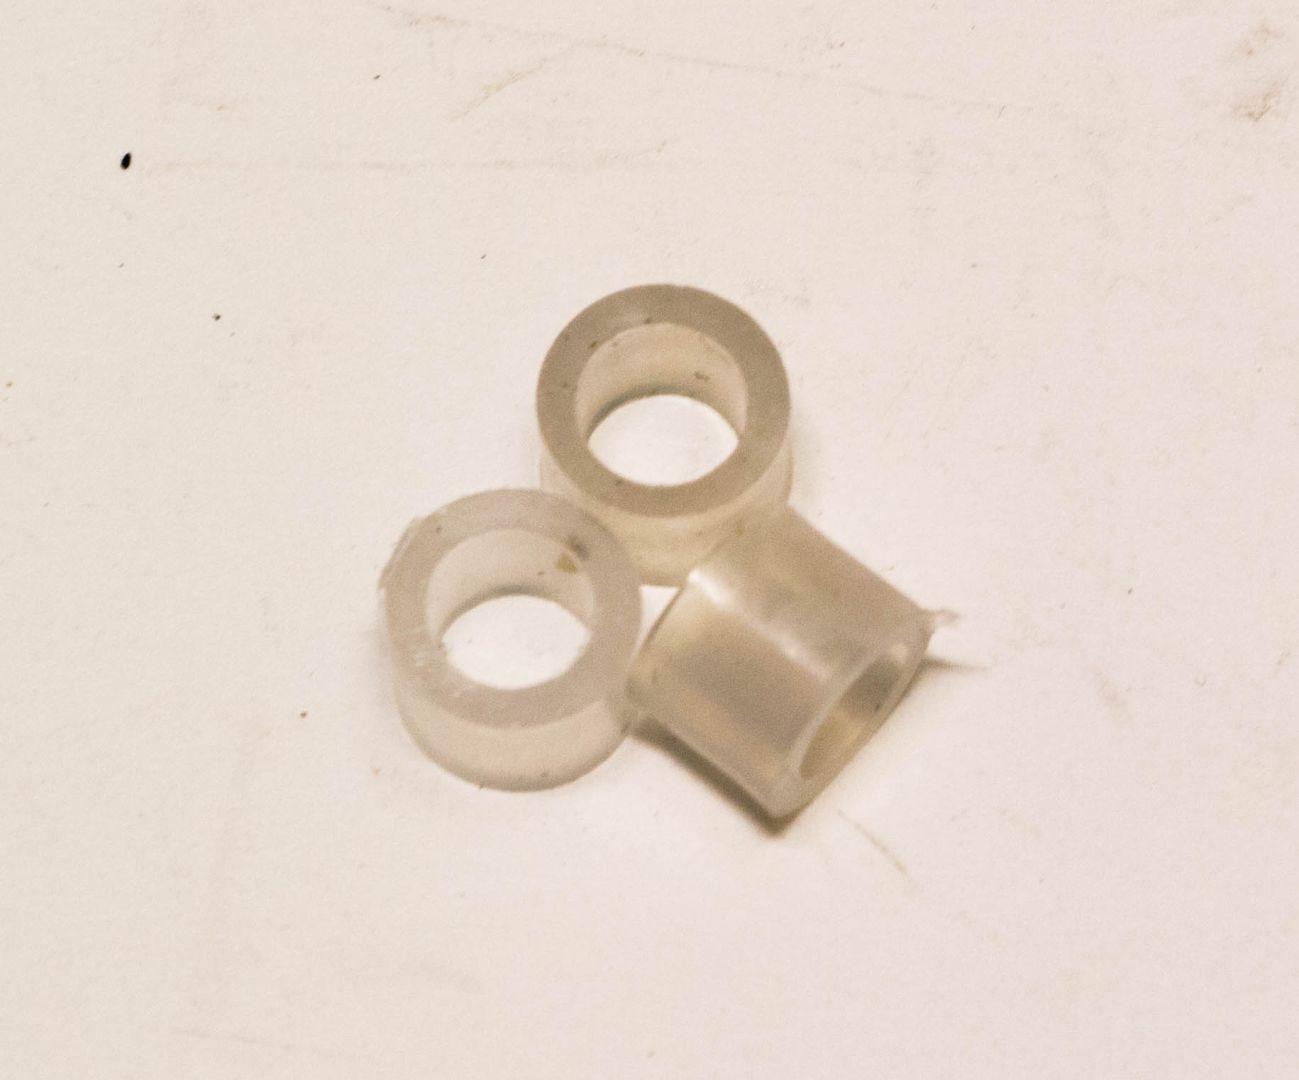 Втулка пластмассовая в обод катка (110200719)